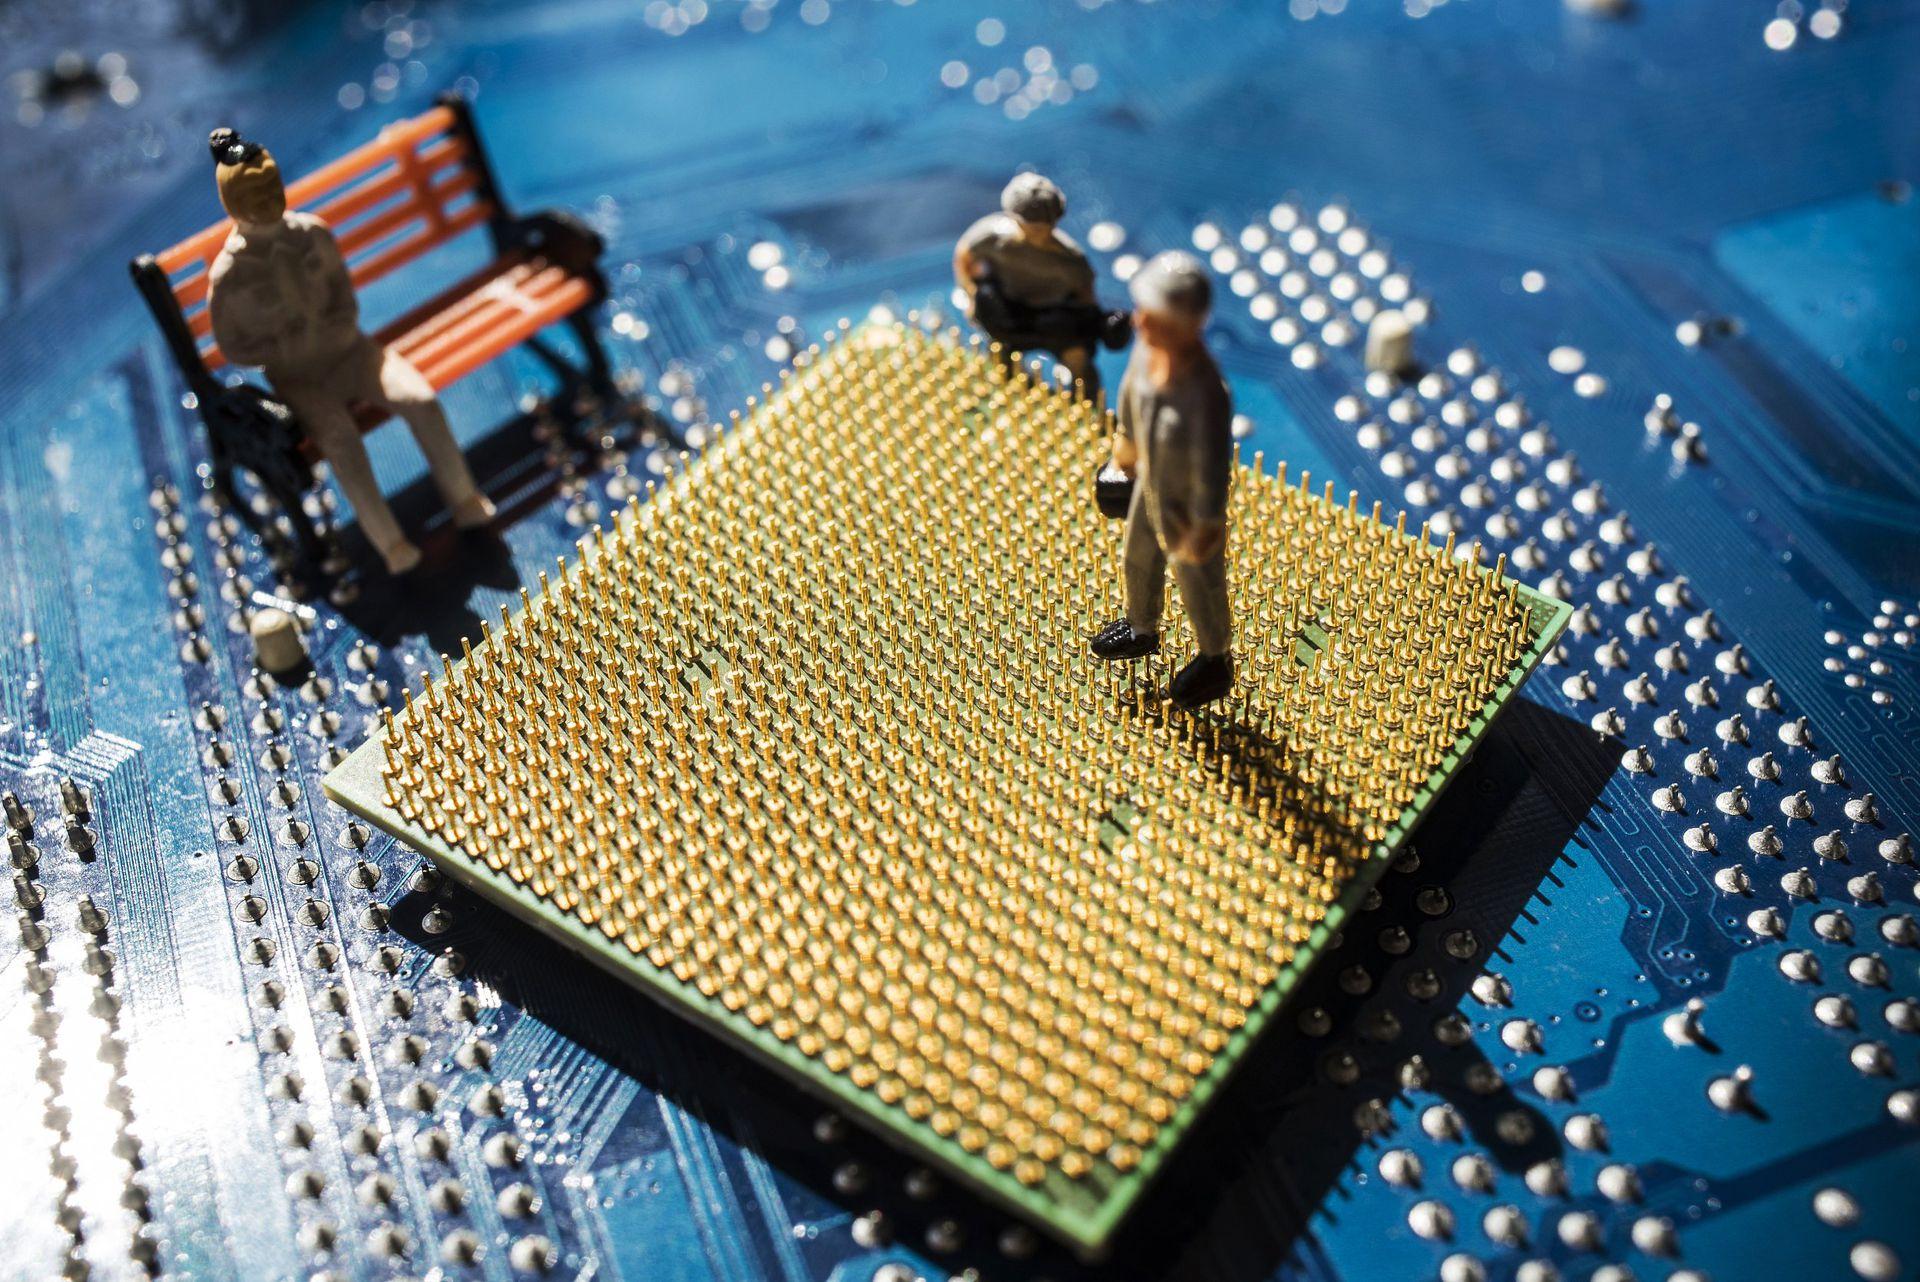 中國工信部:全球半導體產業進入重大調整期